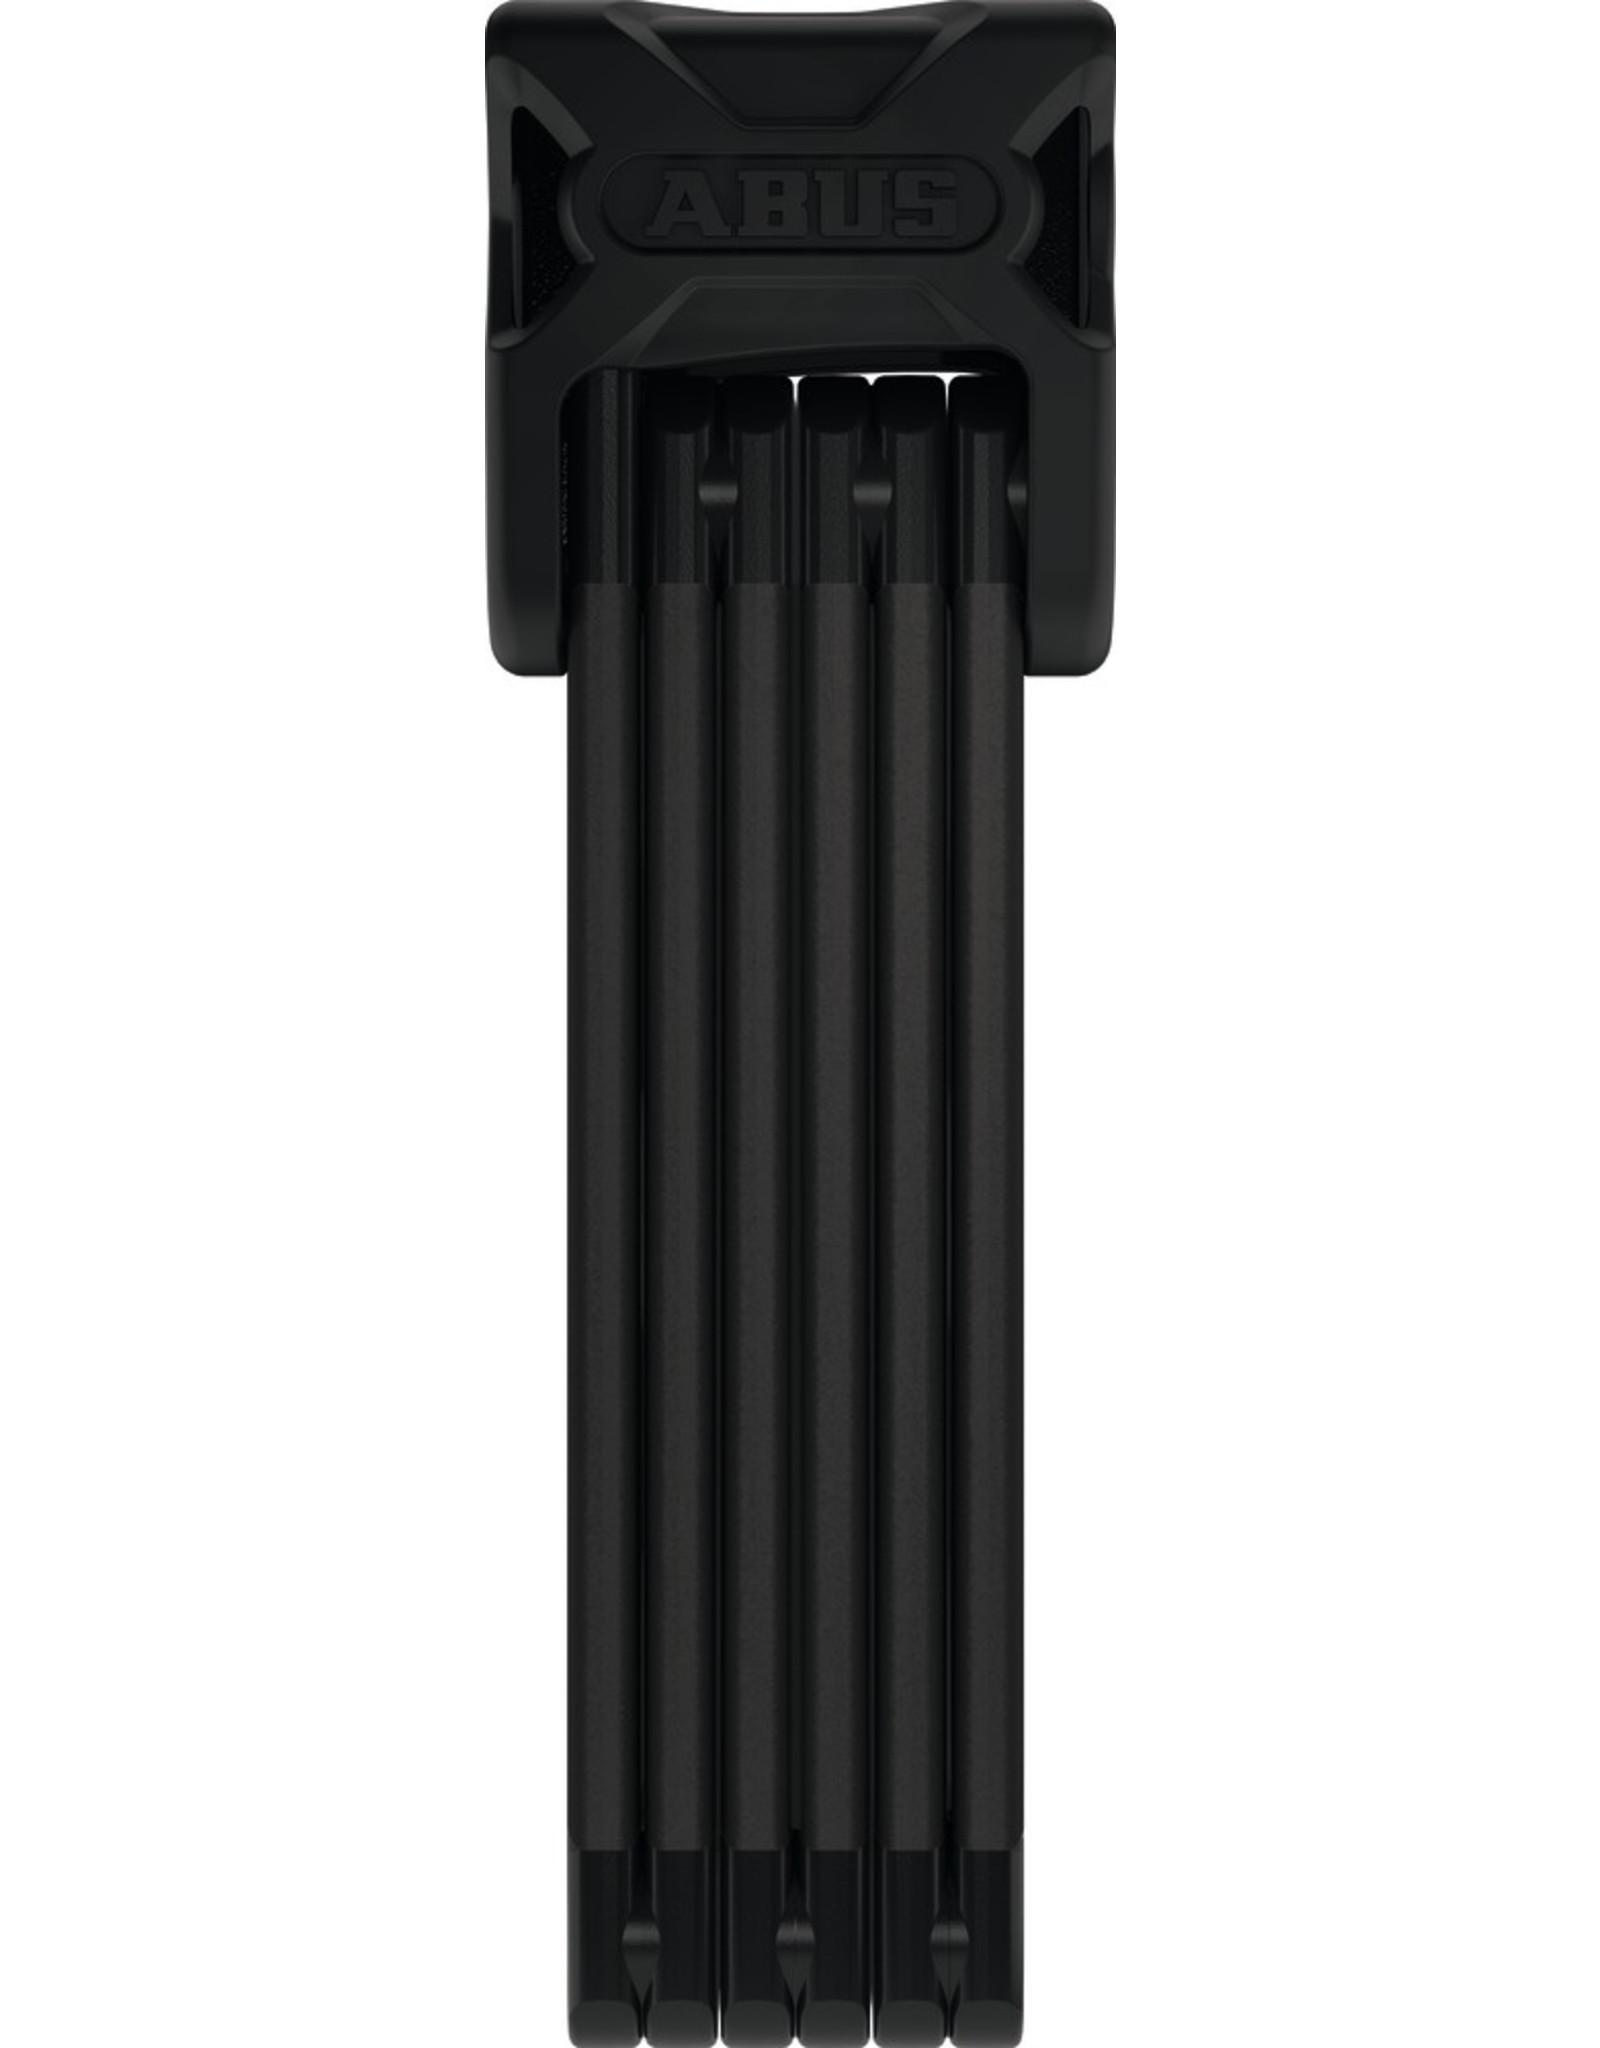 ABUS ABUS Keyed Folding Lock Bordo 6000